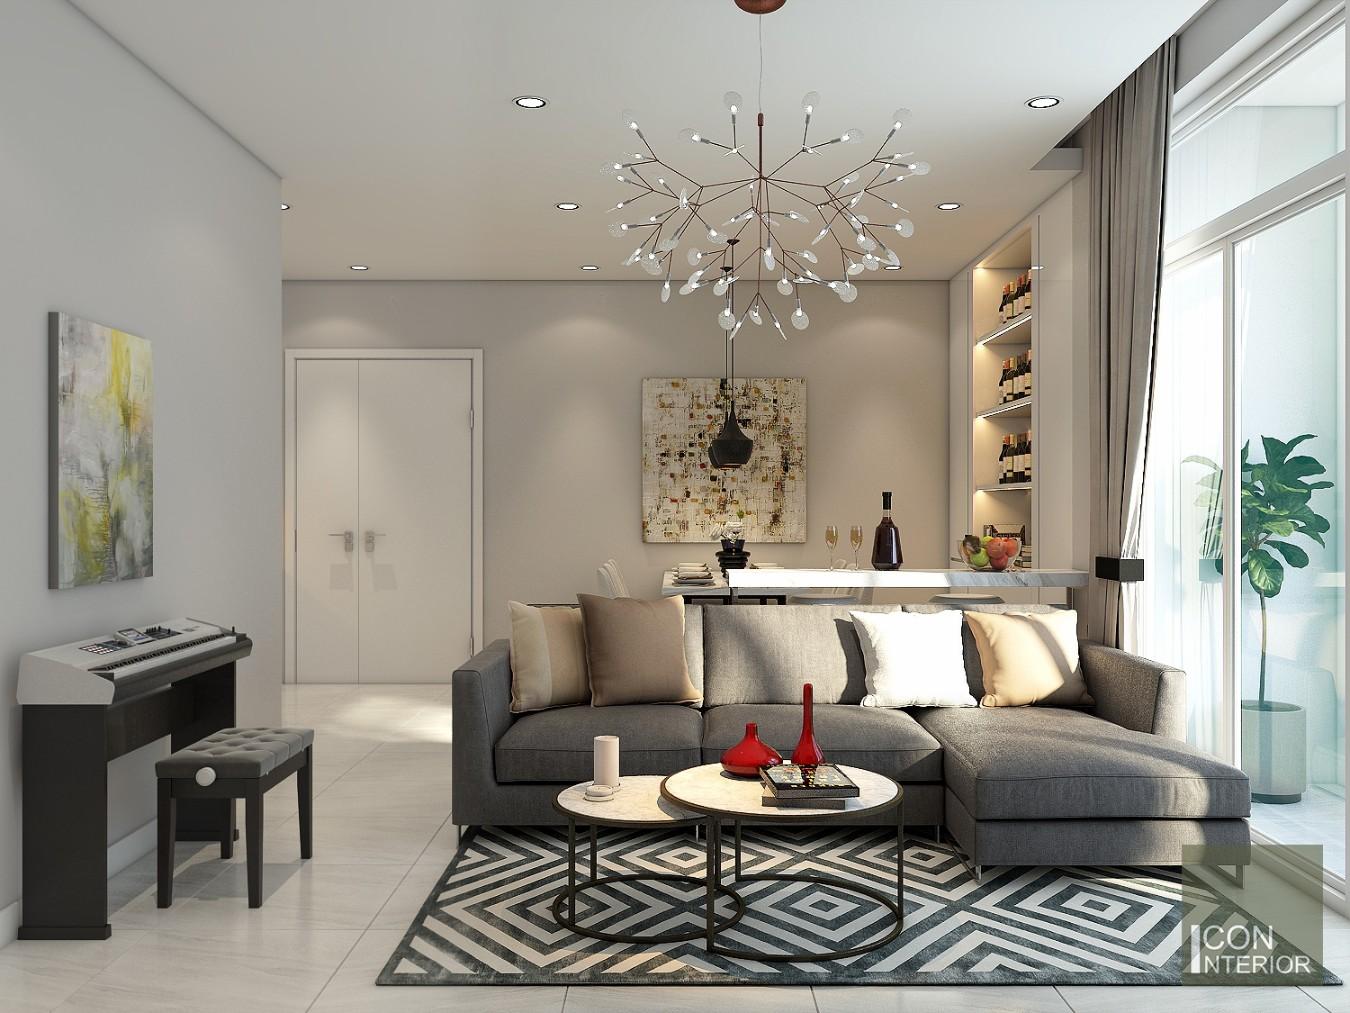 thiết kế nội thất biệt thự hiện đại - phòng khách